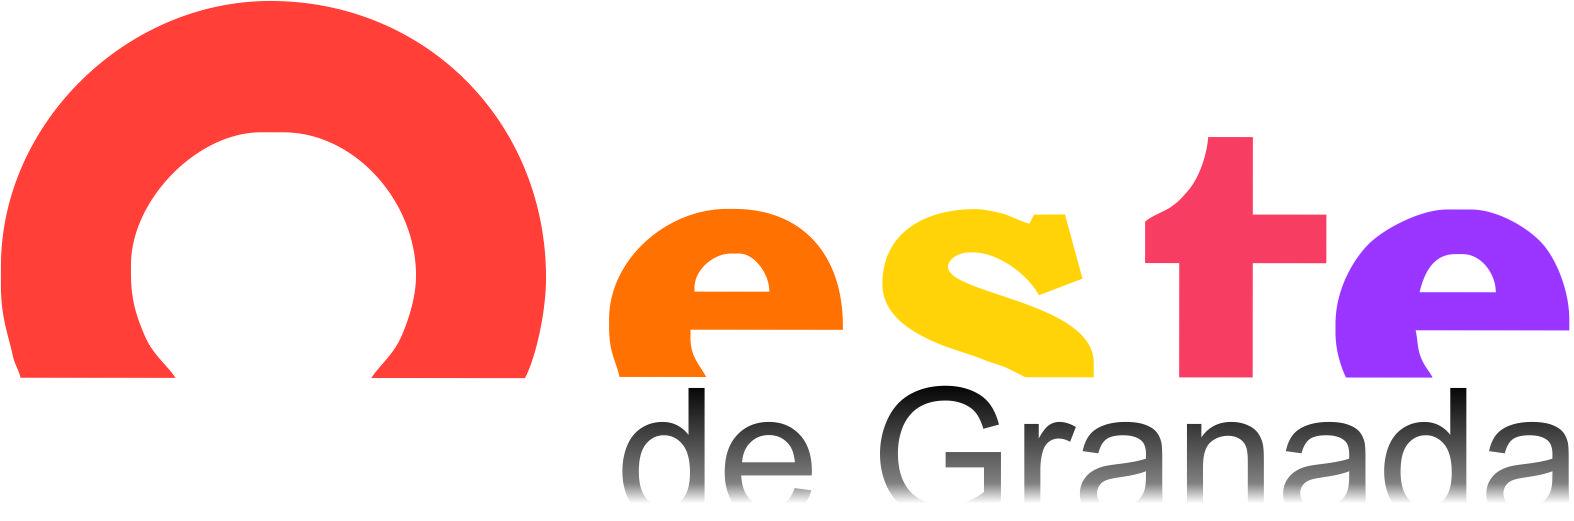 Logo Oeste de Granada Apartamentos nuevos en venta Calle 80 Bogotá Gran Granada Villas de Granada bonitos